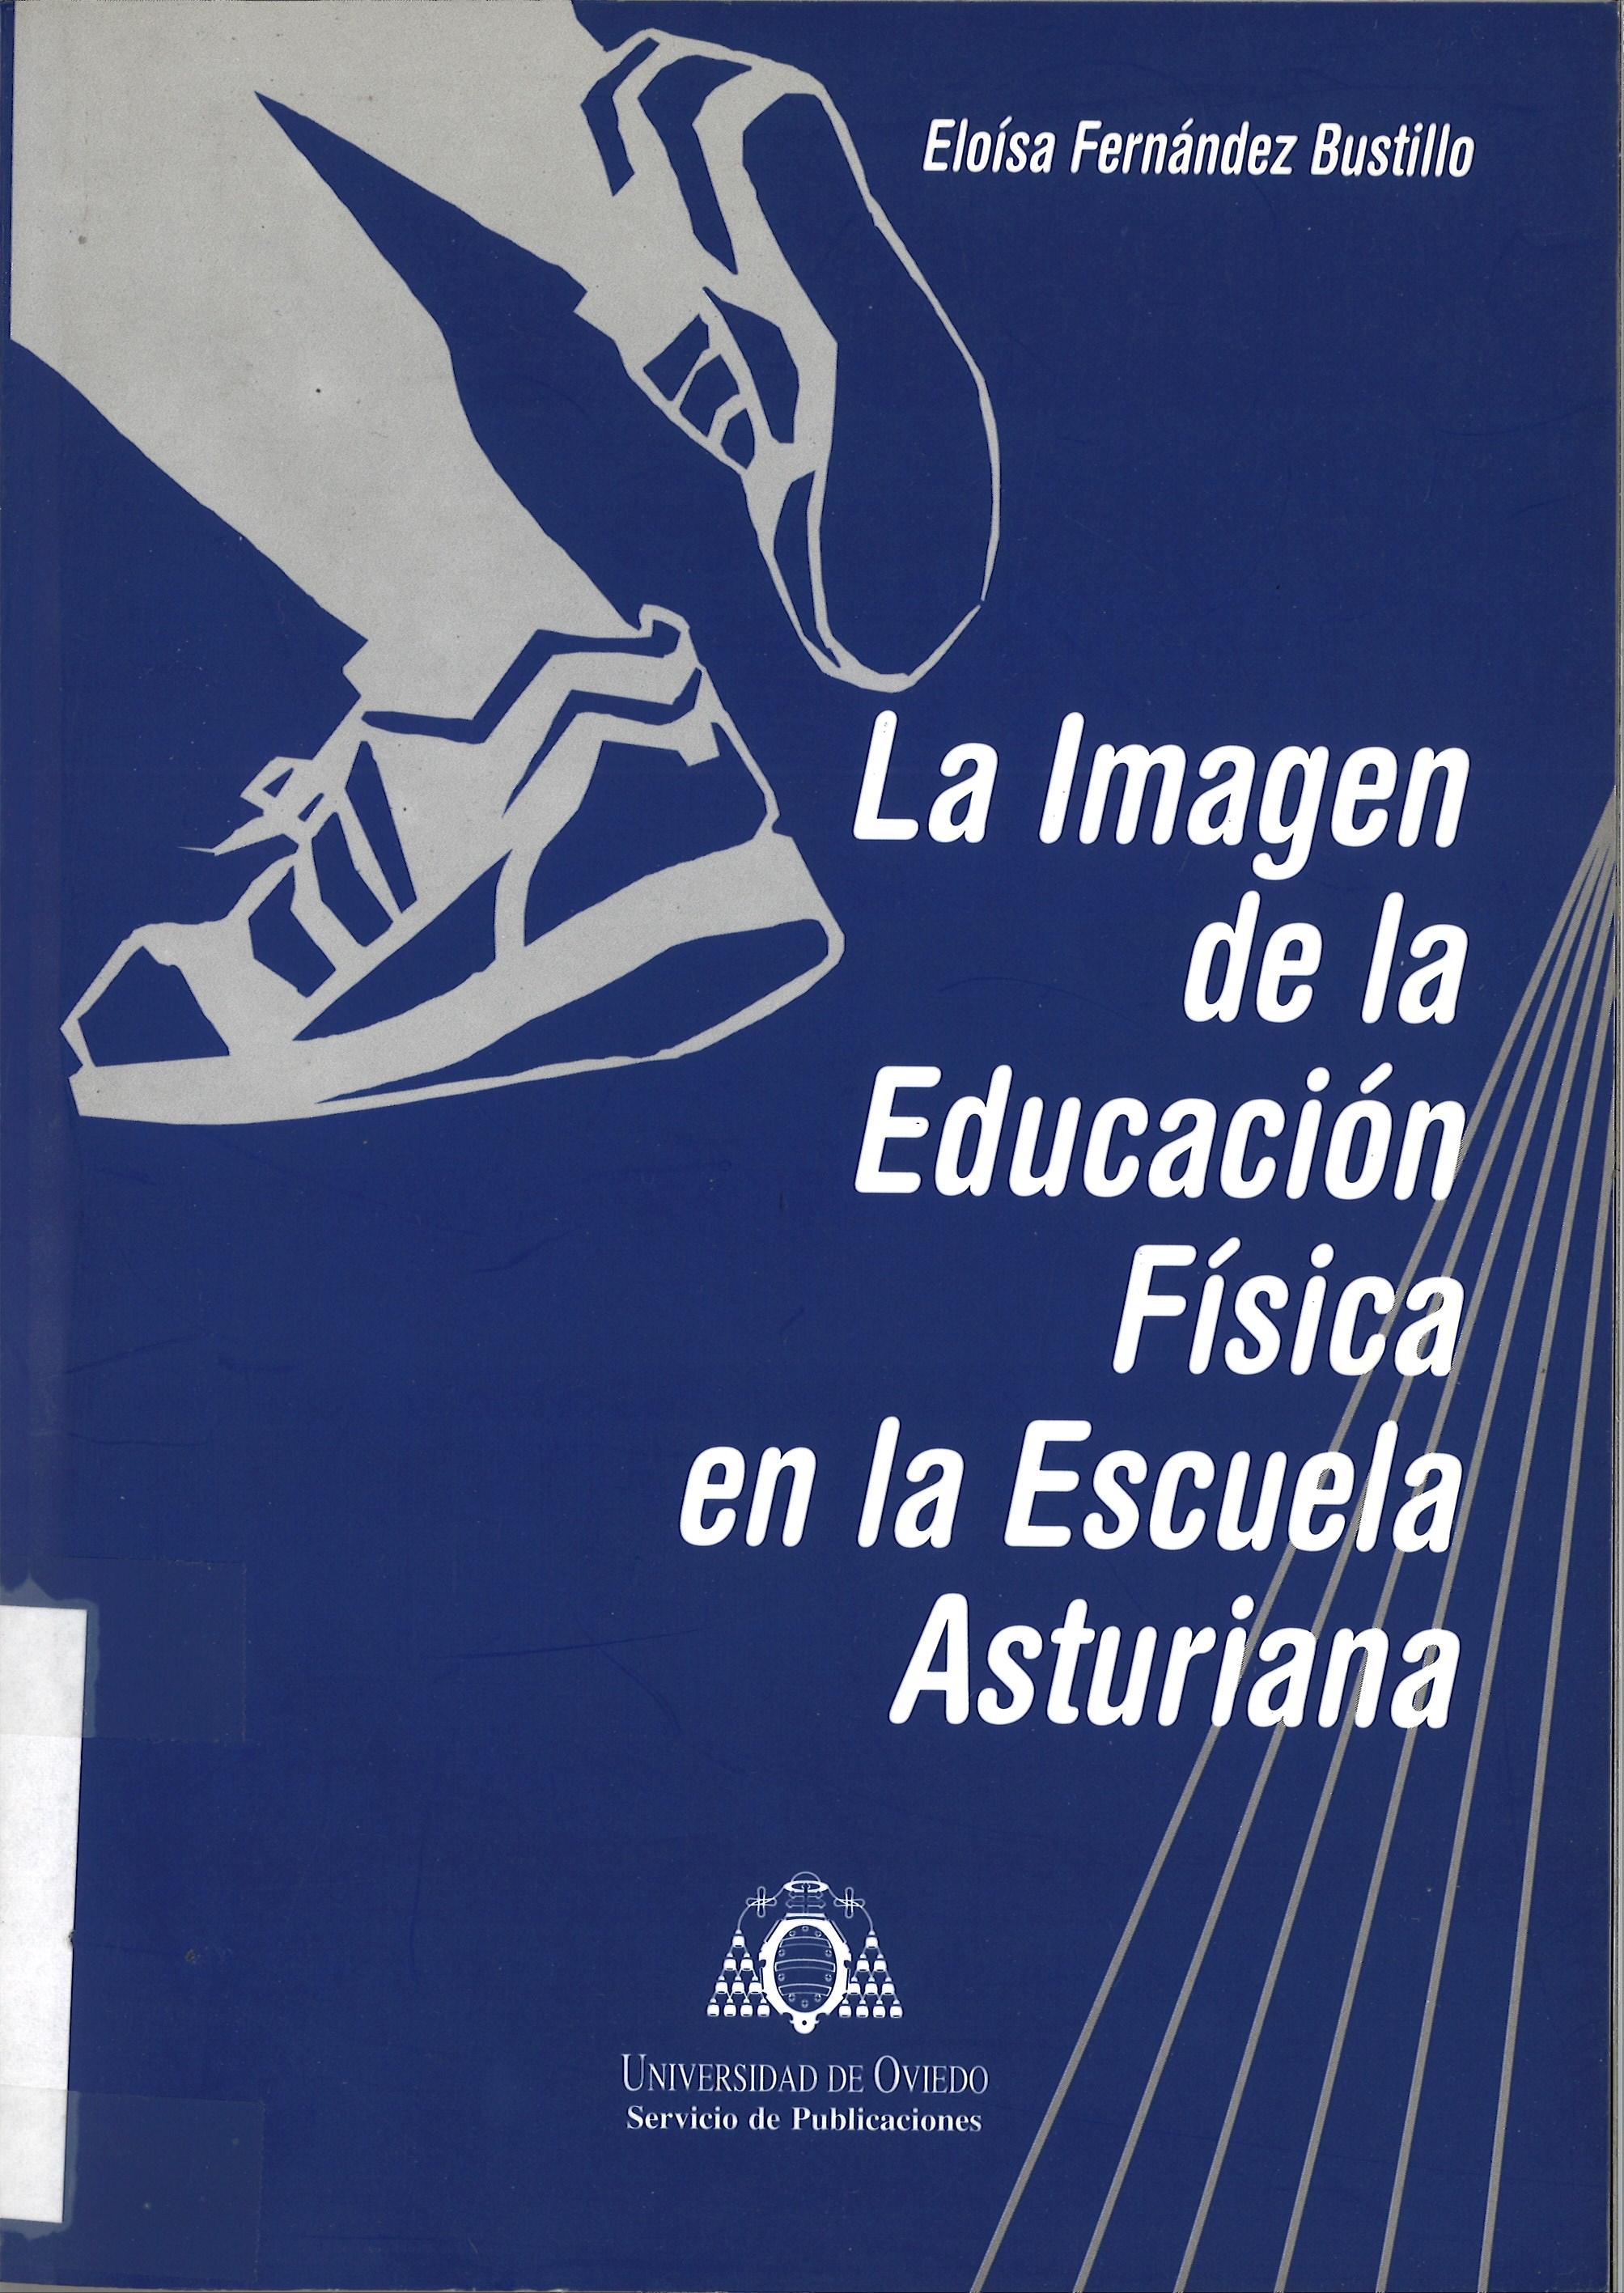 LA IMAGEN DE LA EDUCACION FISICA EN LA ESCUELA ASTURIANA